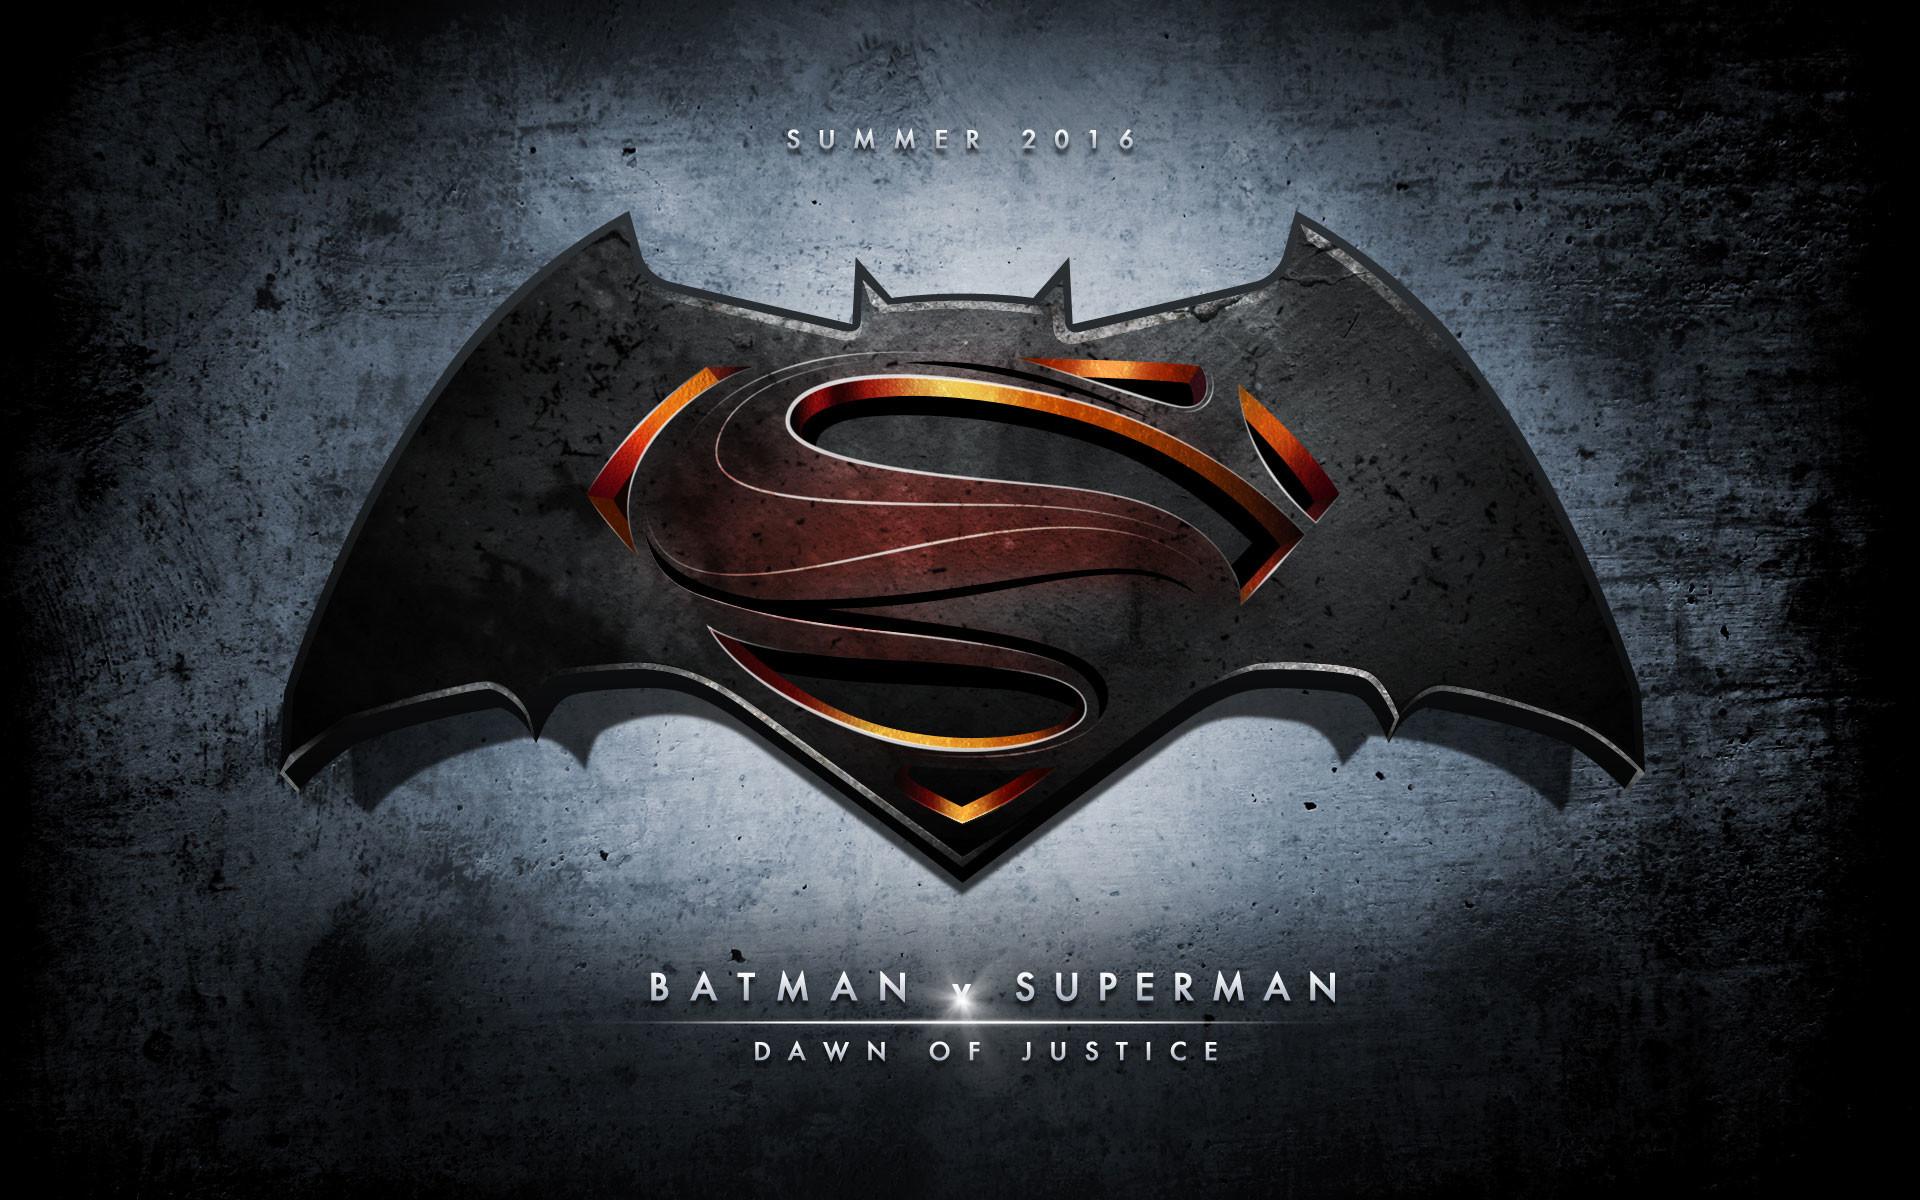 82 Batman V Superman - Hd Wallpaper Batman Vs Superman Logo - HD Wallpaper